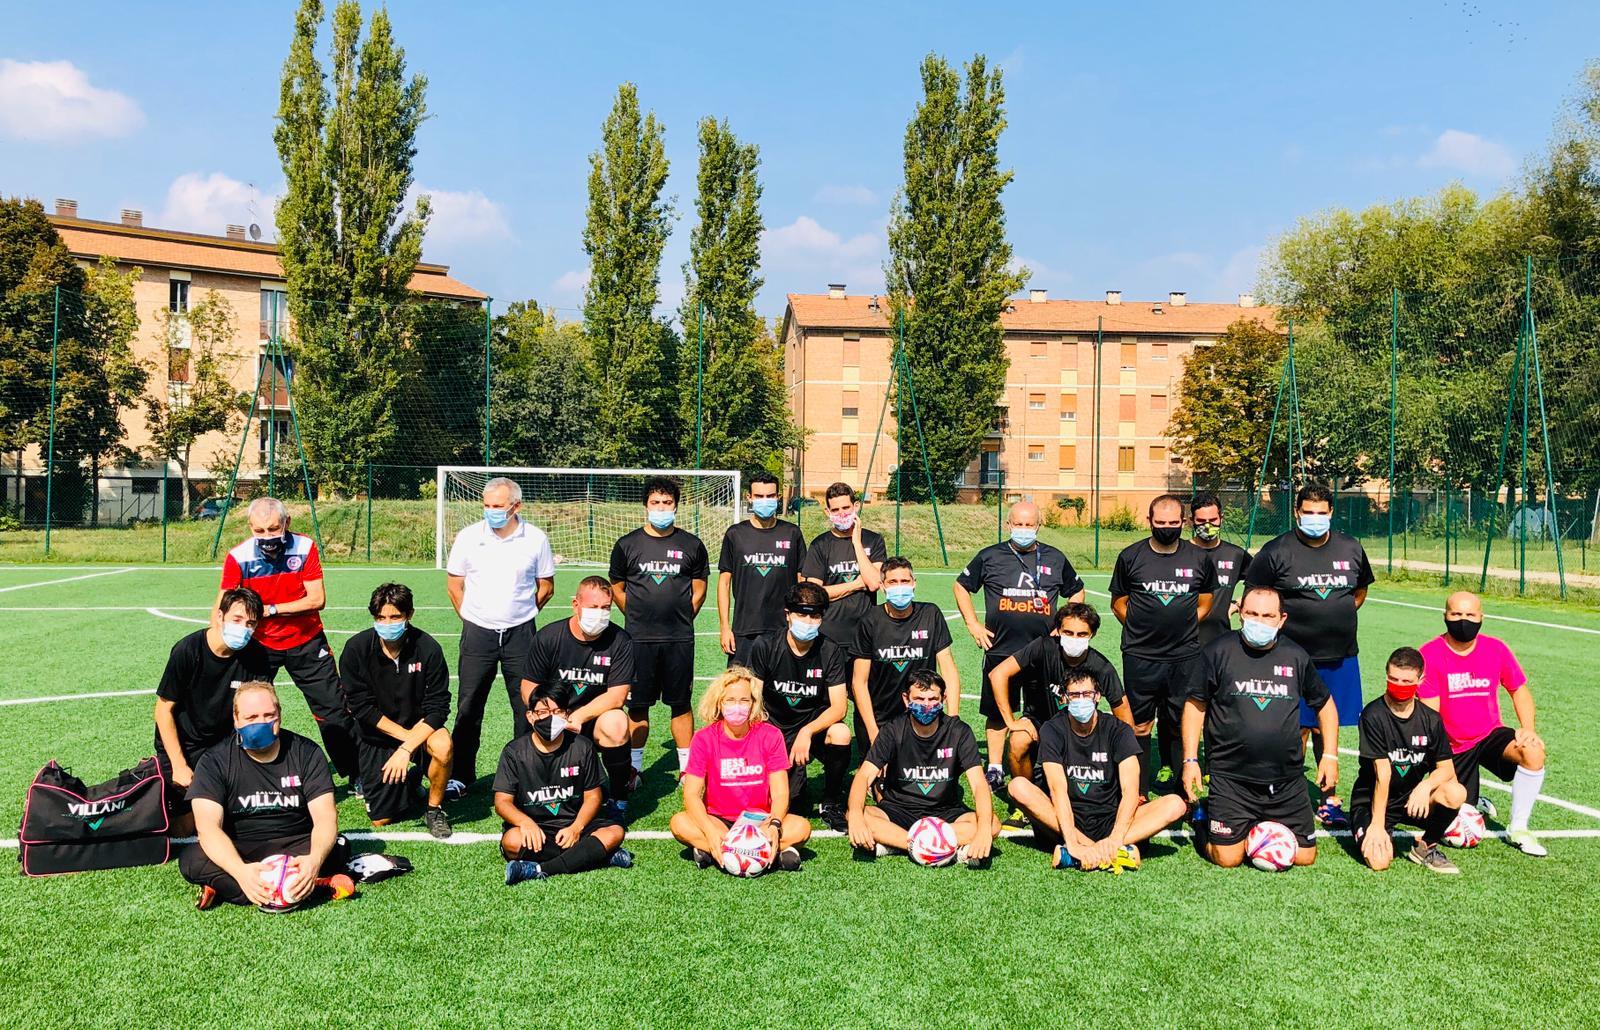 Calcio, i ragazzi di Ness1 Escluso tornano in campo